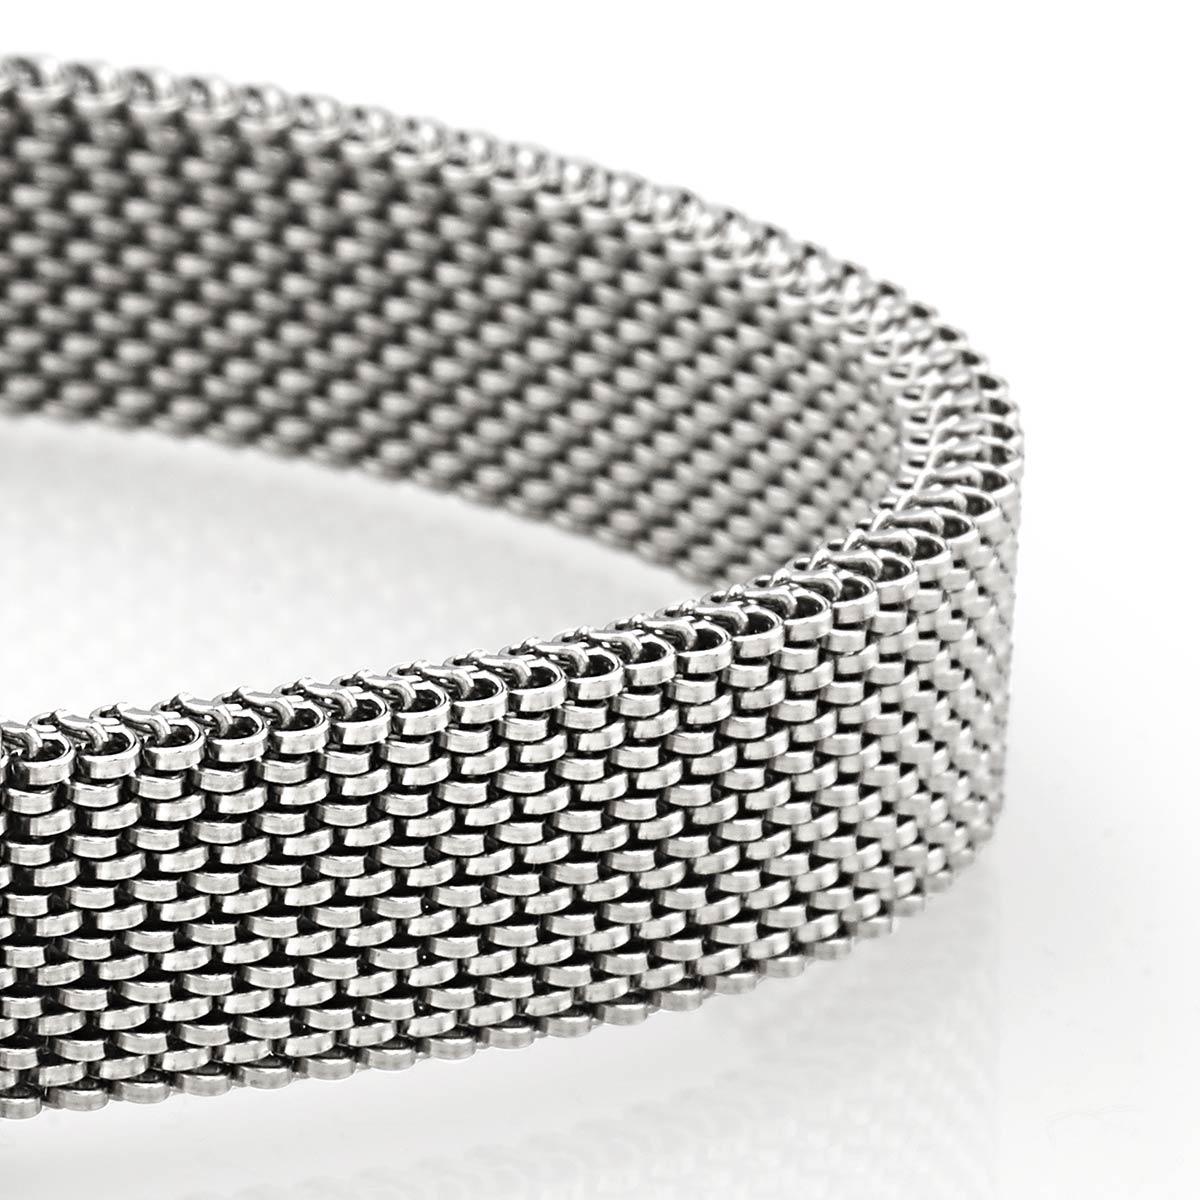 Gioielli-Roan-Preziosi-acciaio-silver